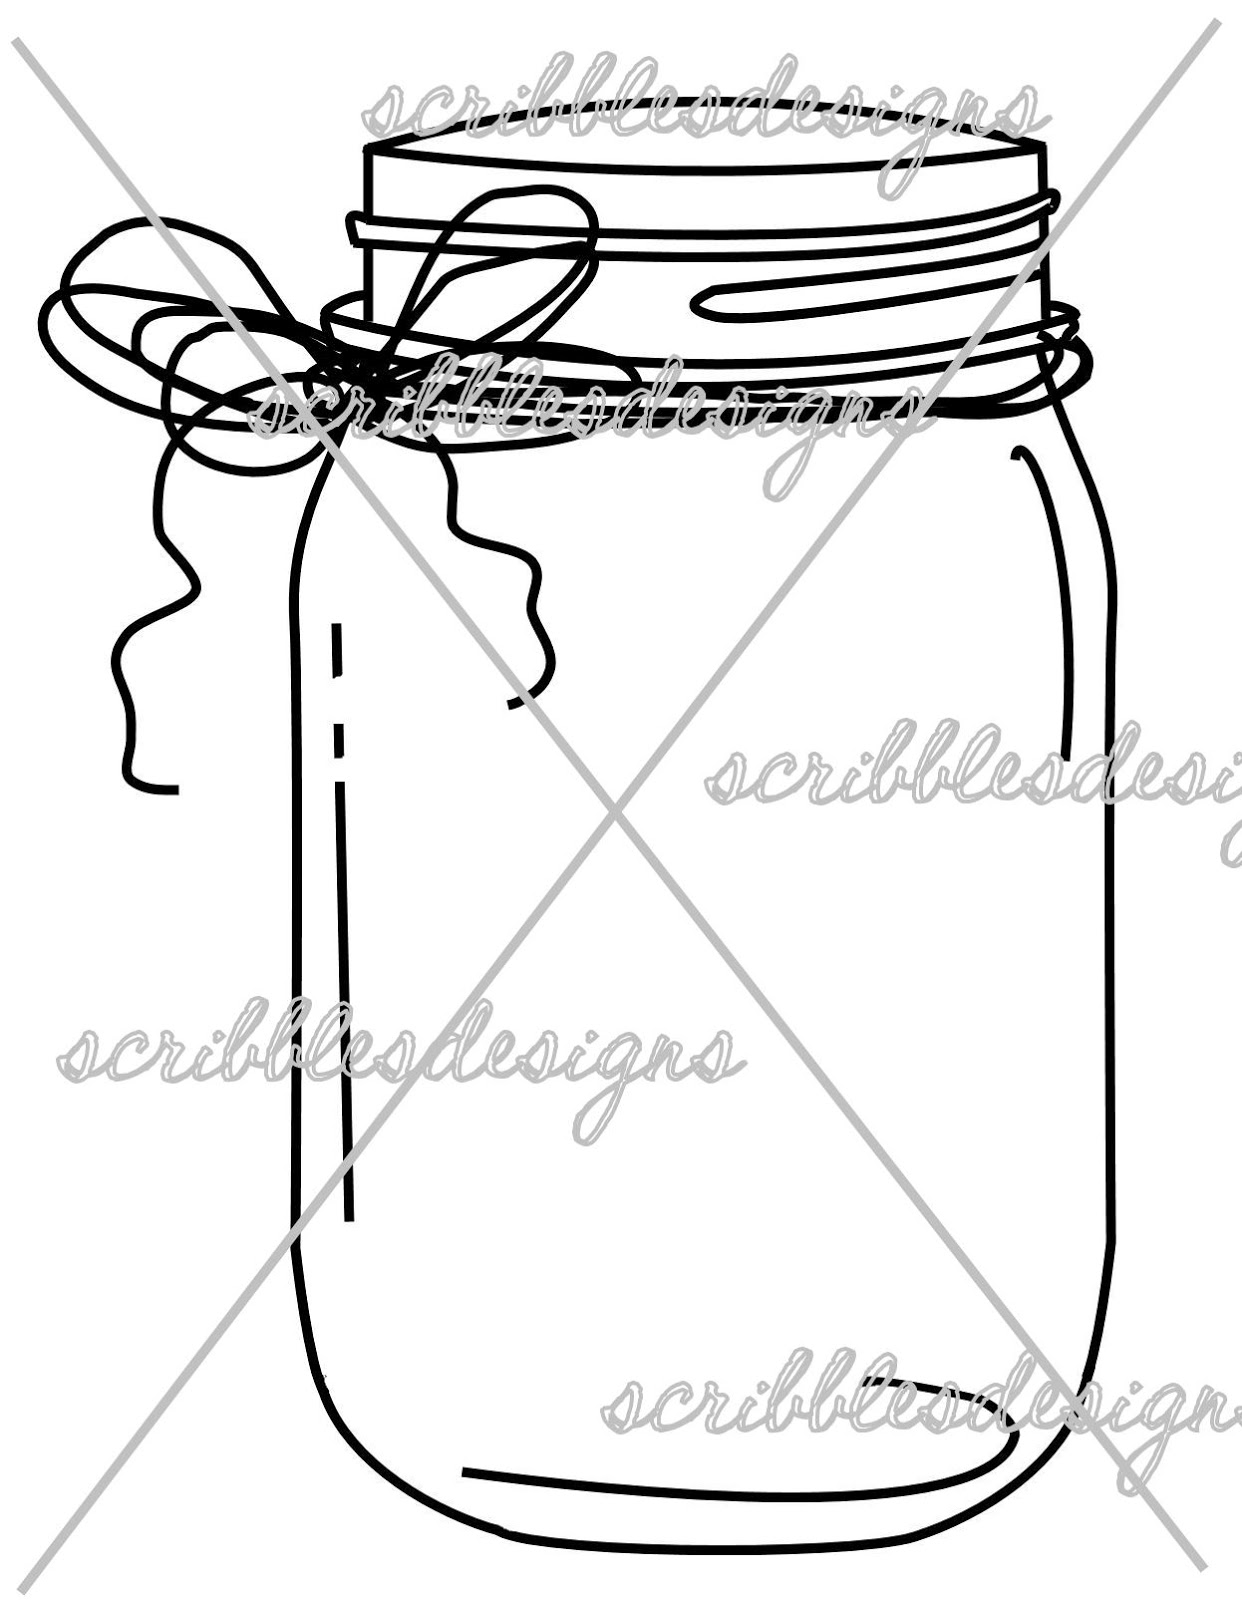 http://buyscribblesdesigns.blogspot.ca/2015/03/889-mason-jar-250.html